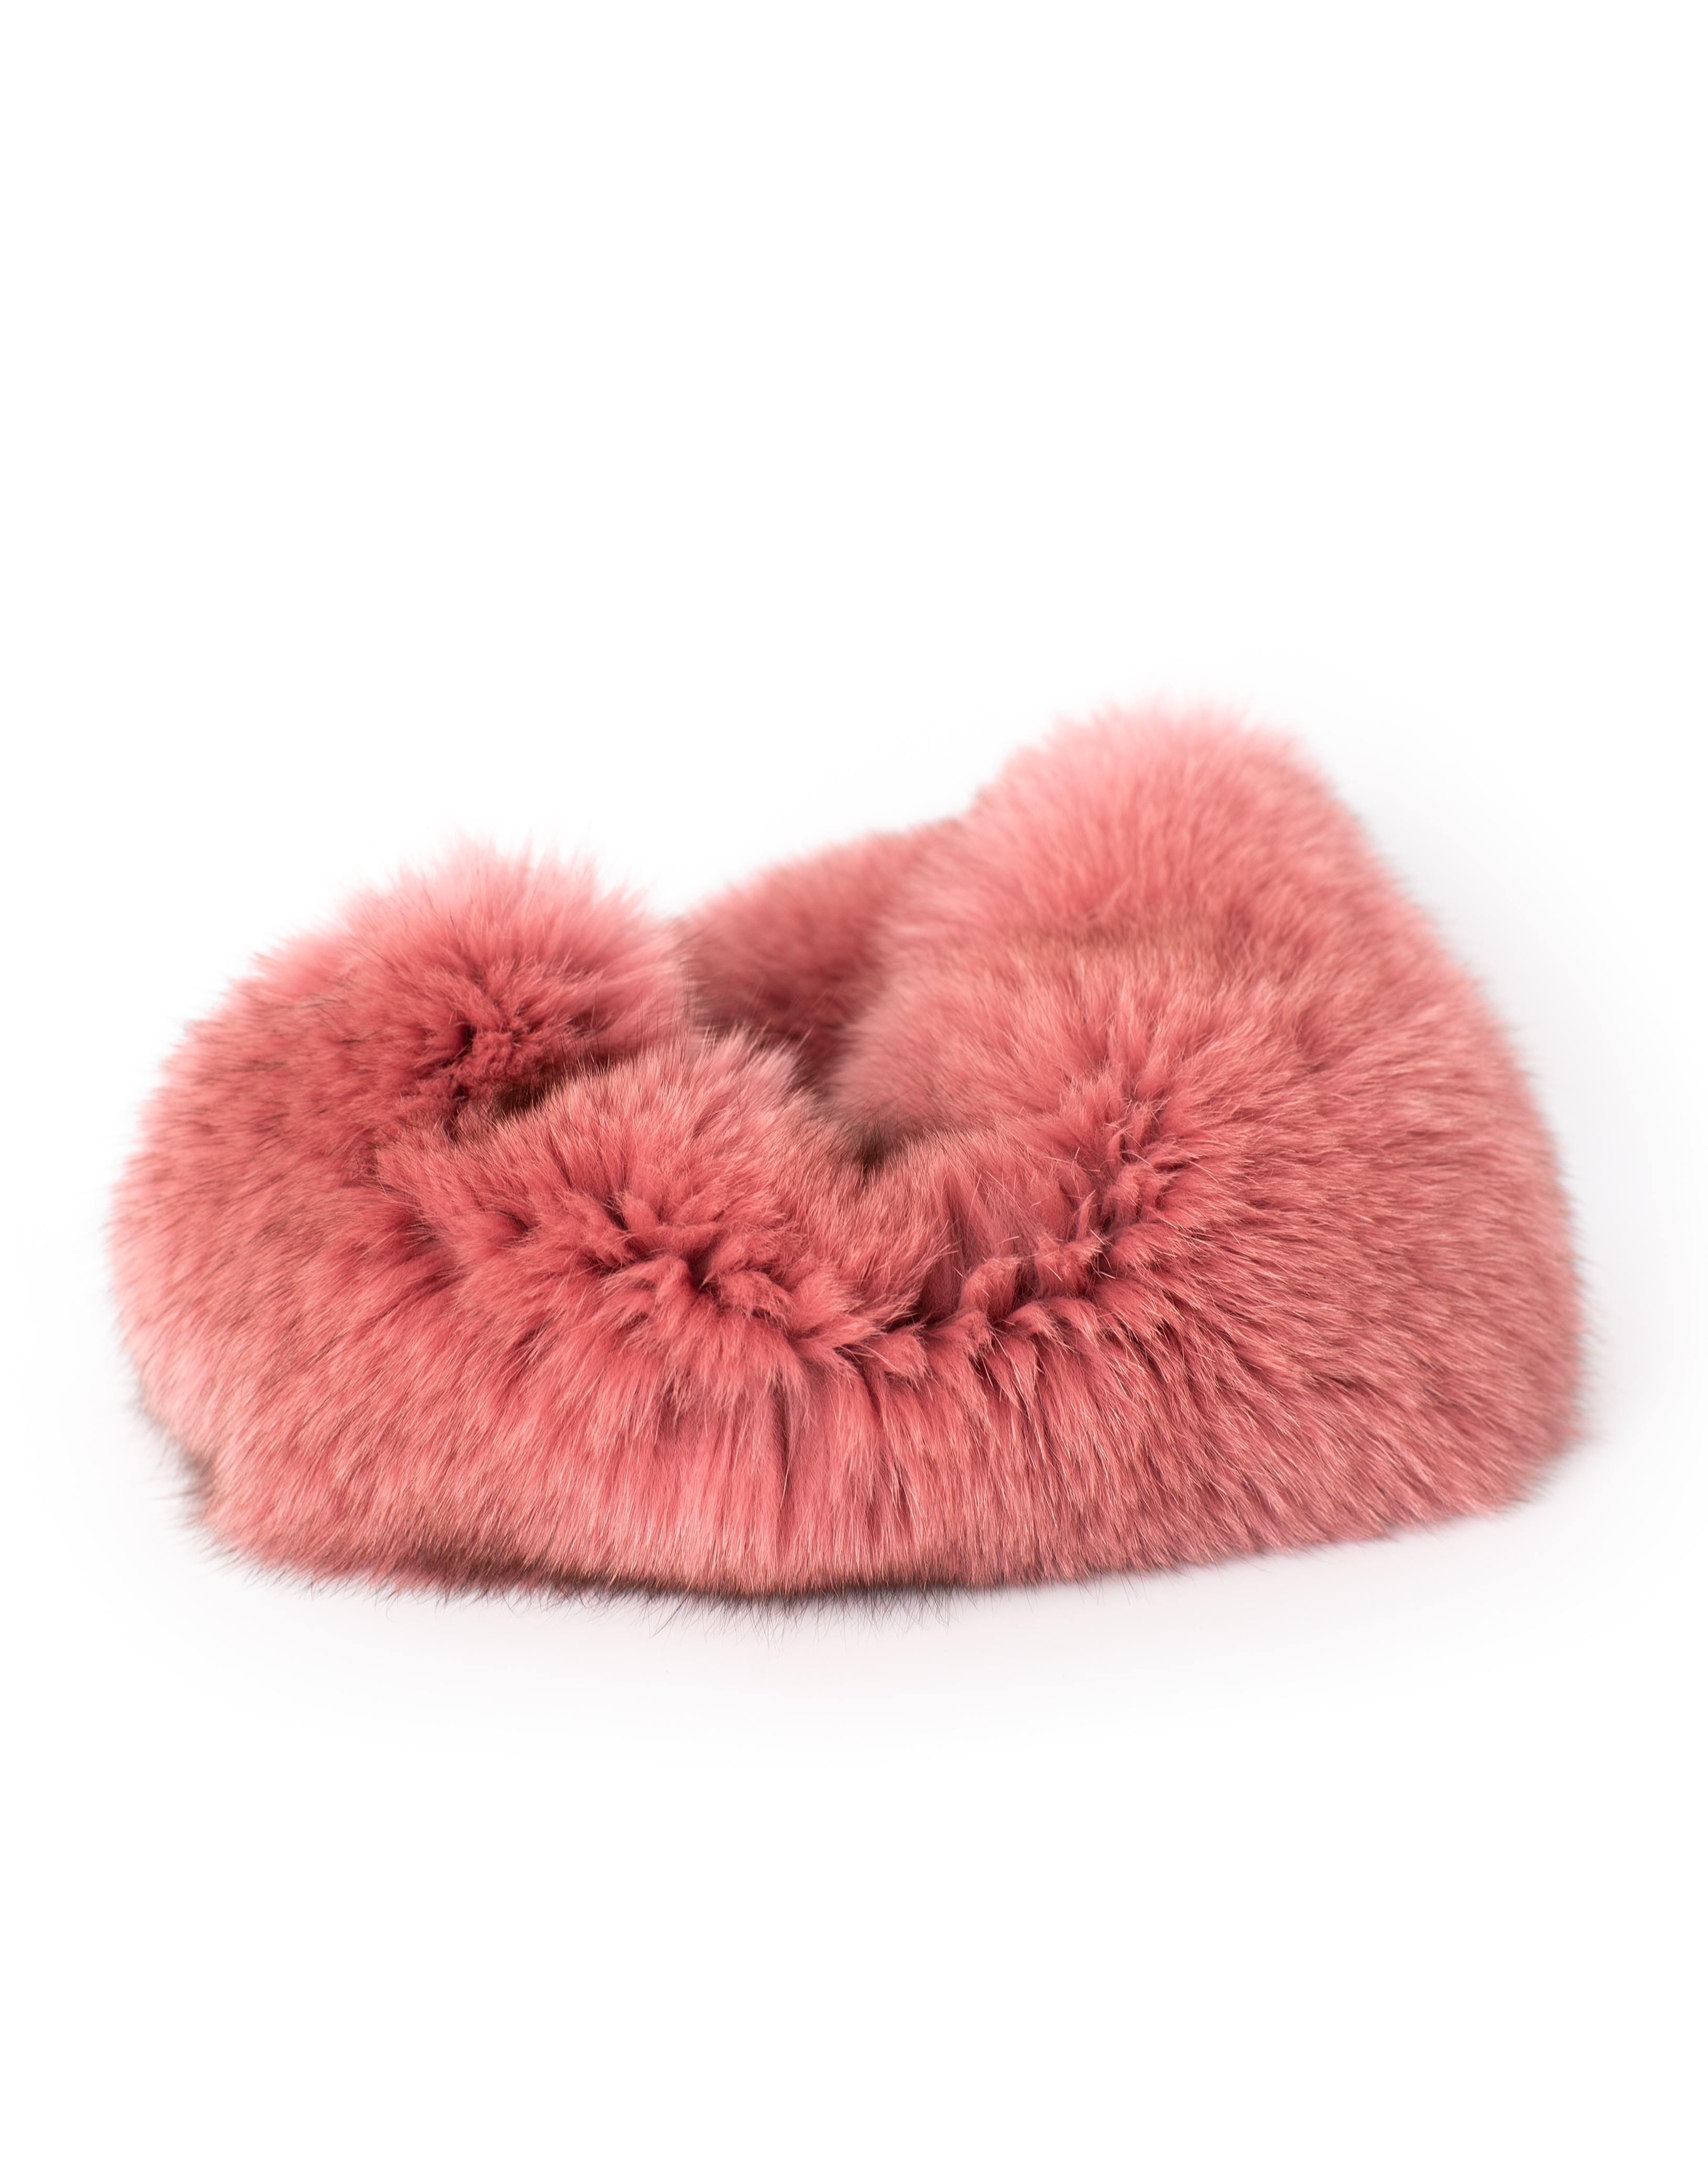 Fur scarf, pink